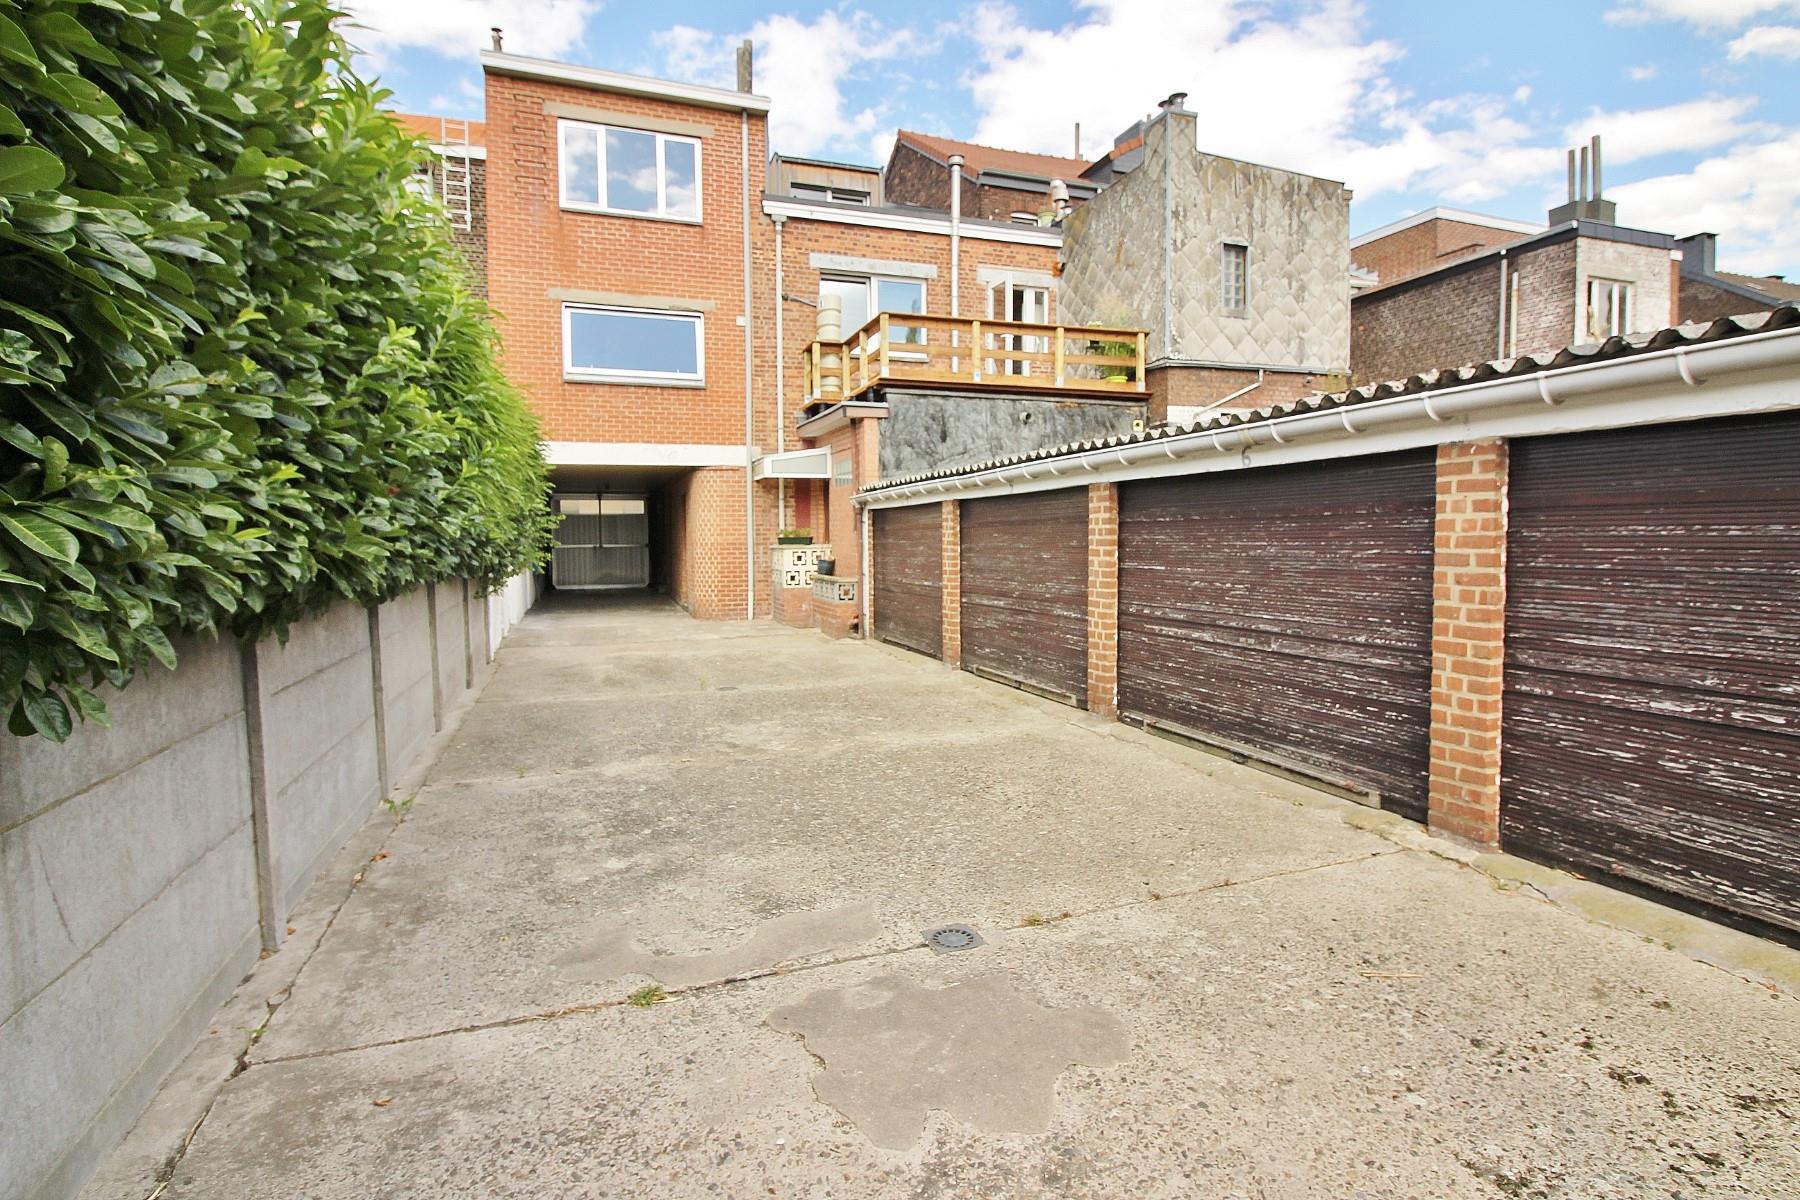 Maison - Liège - #3519341-12